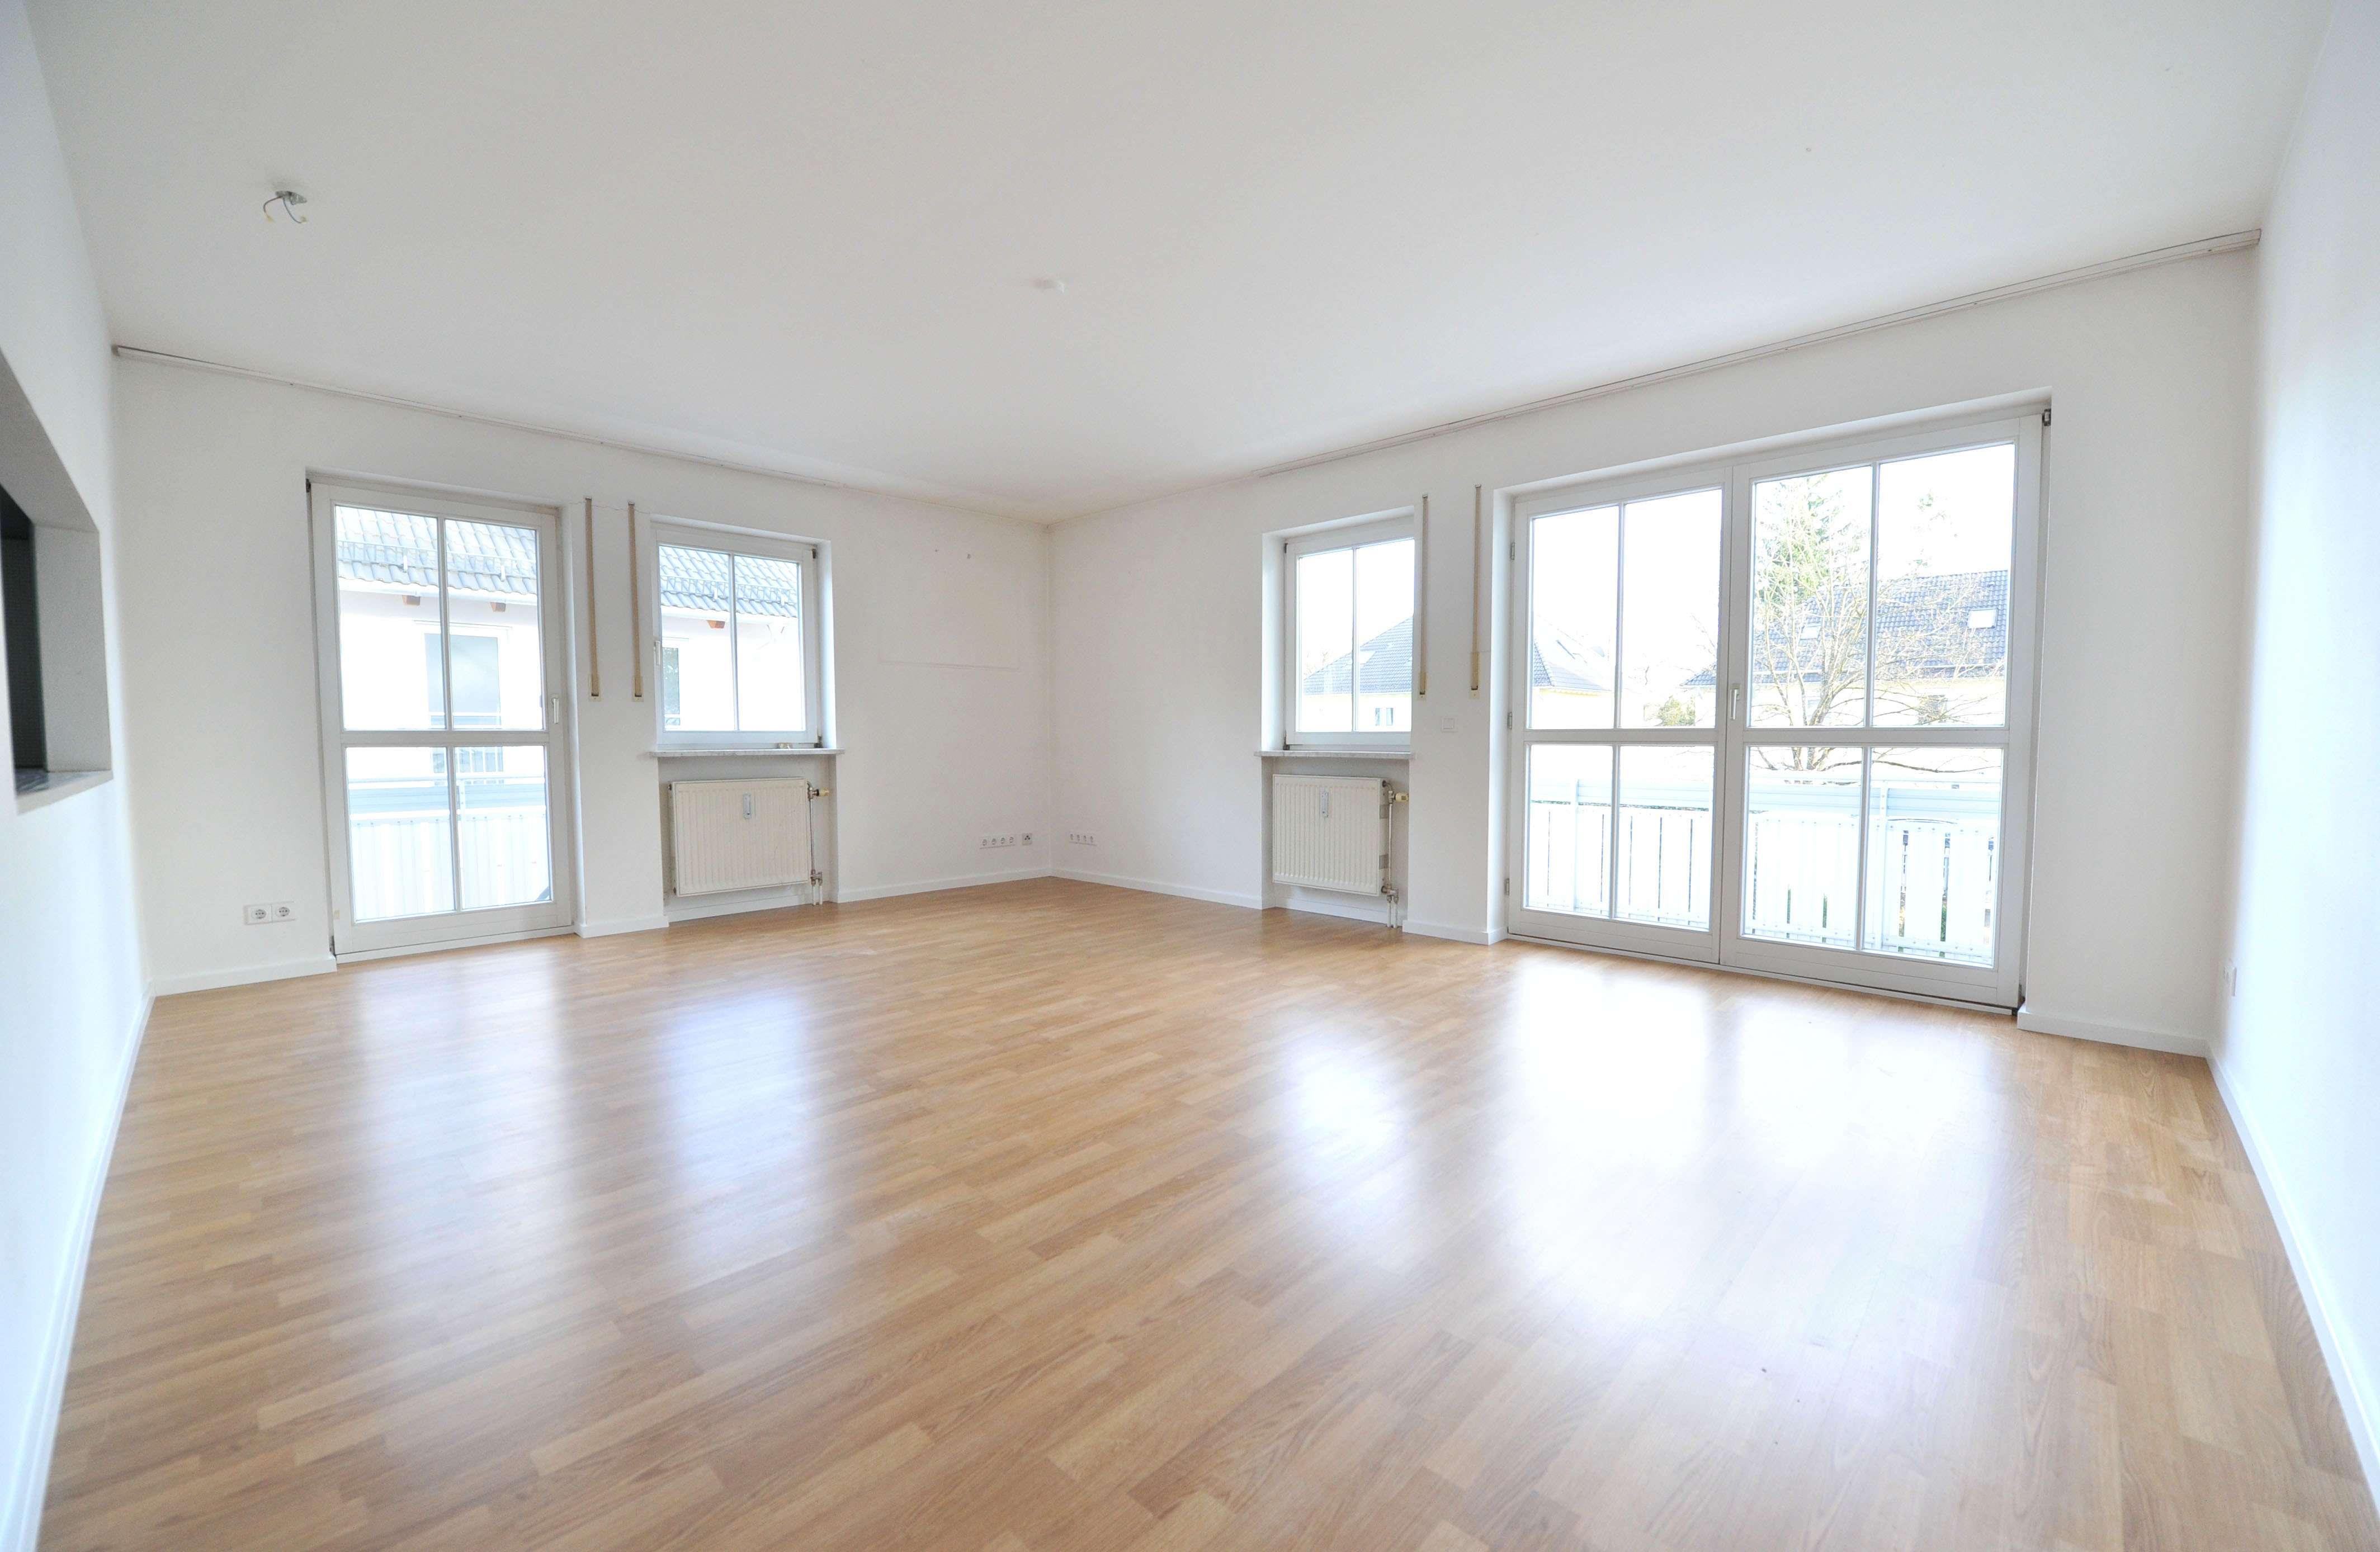 Exklusive gepflegte 3-Zi.-Wohnung mit EBK in Bogenhausen-Daglfing in Bogenhausen (München)